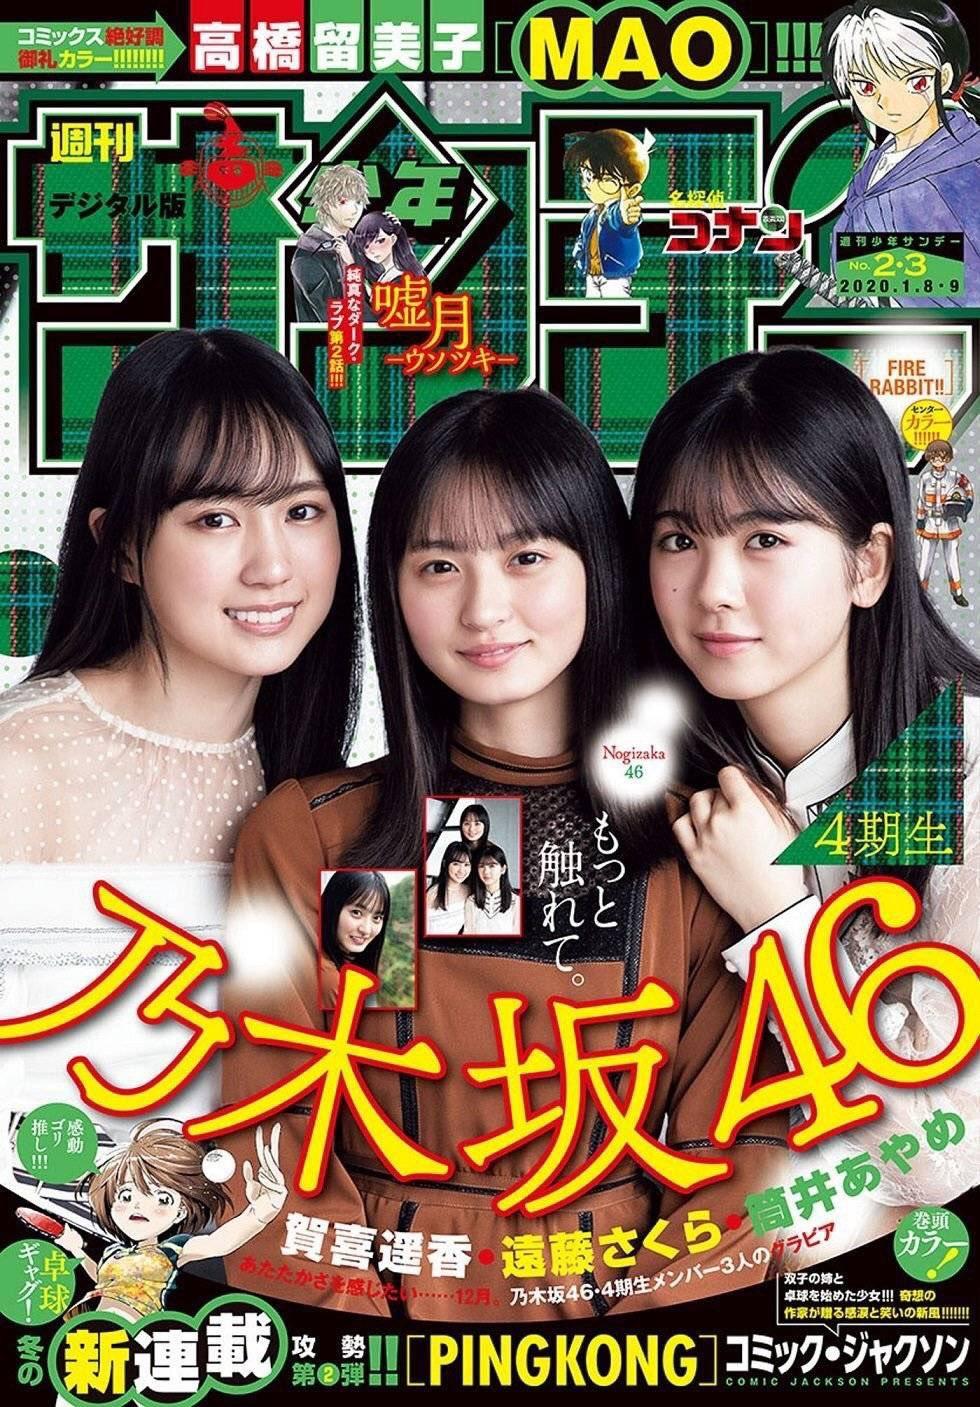 週刊少年サンデー 2020年01月09日号 2-3号 乃木坂46